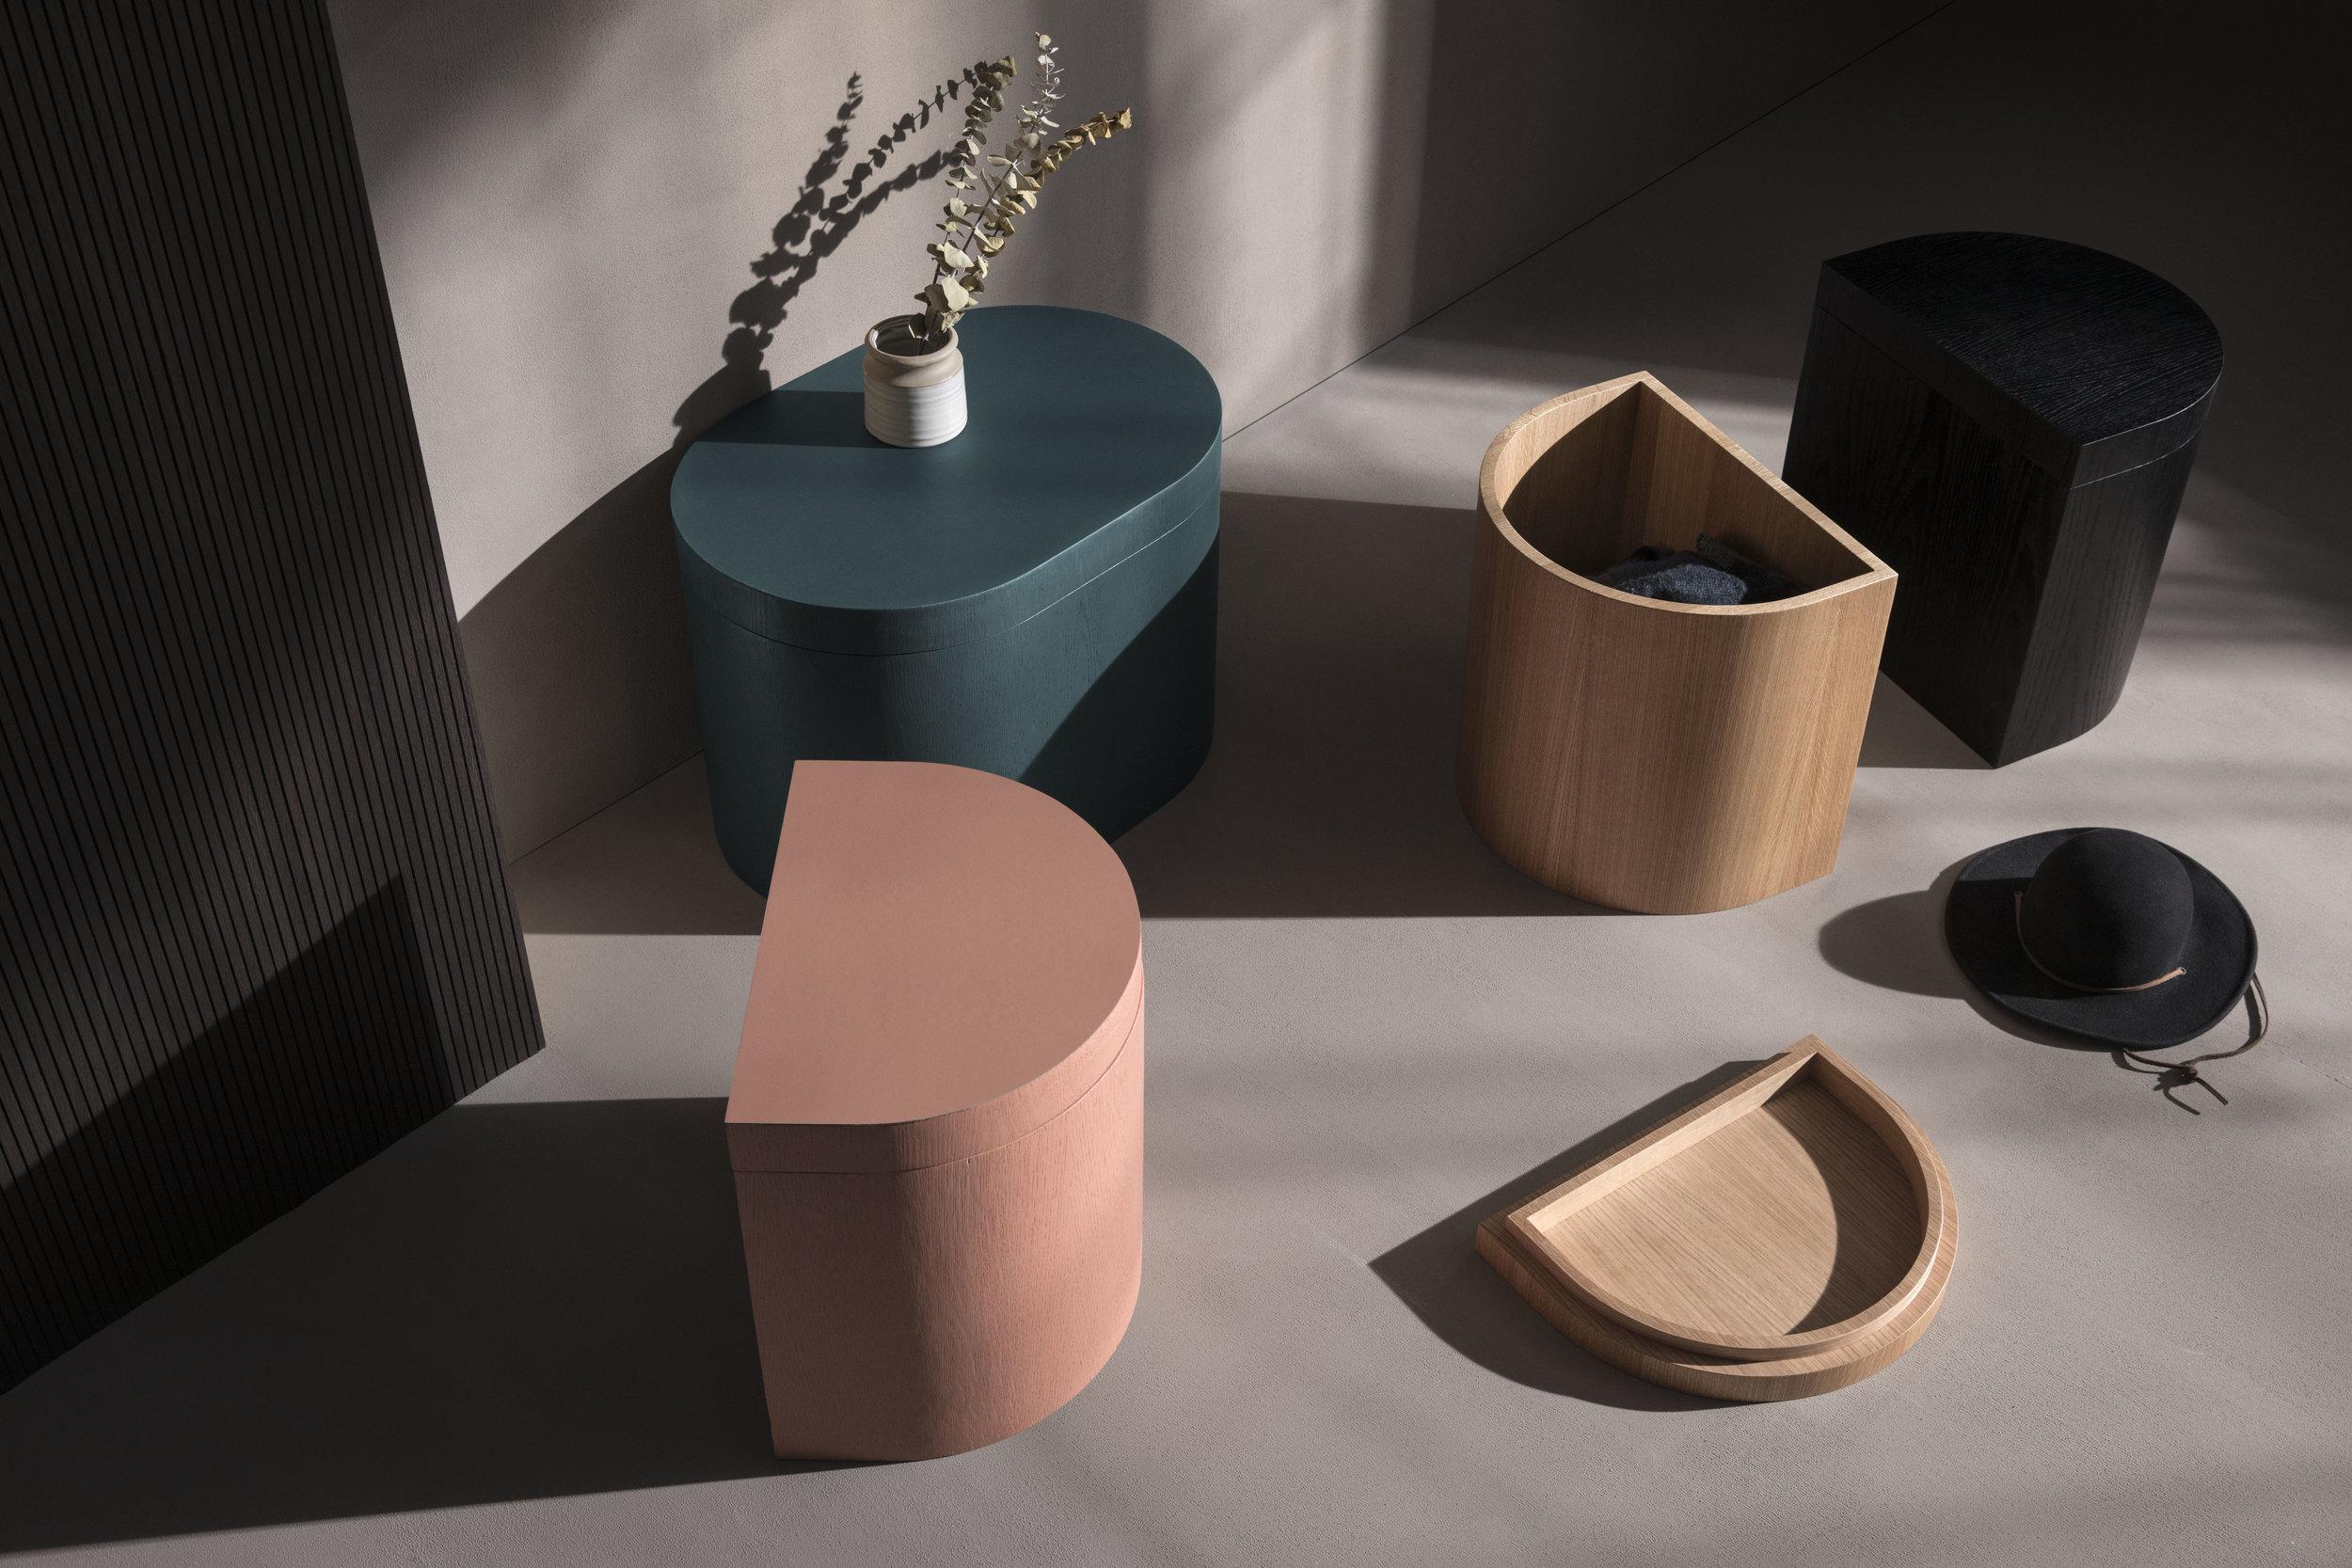 - LA CACHEottoman, table d'appoint, rangement, la cache est une pièce de mobilier multi fonctions. ses lignes géométriques simples mettent en valeur la noblesse du cuir et du bois.